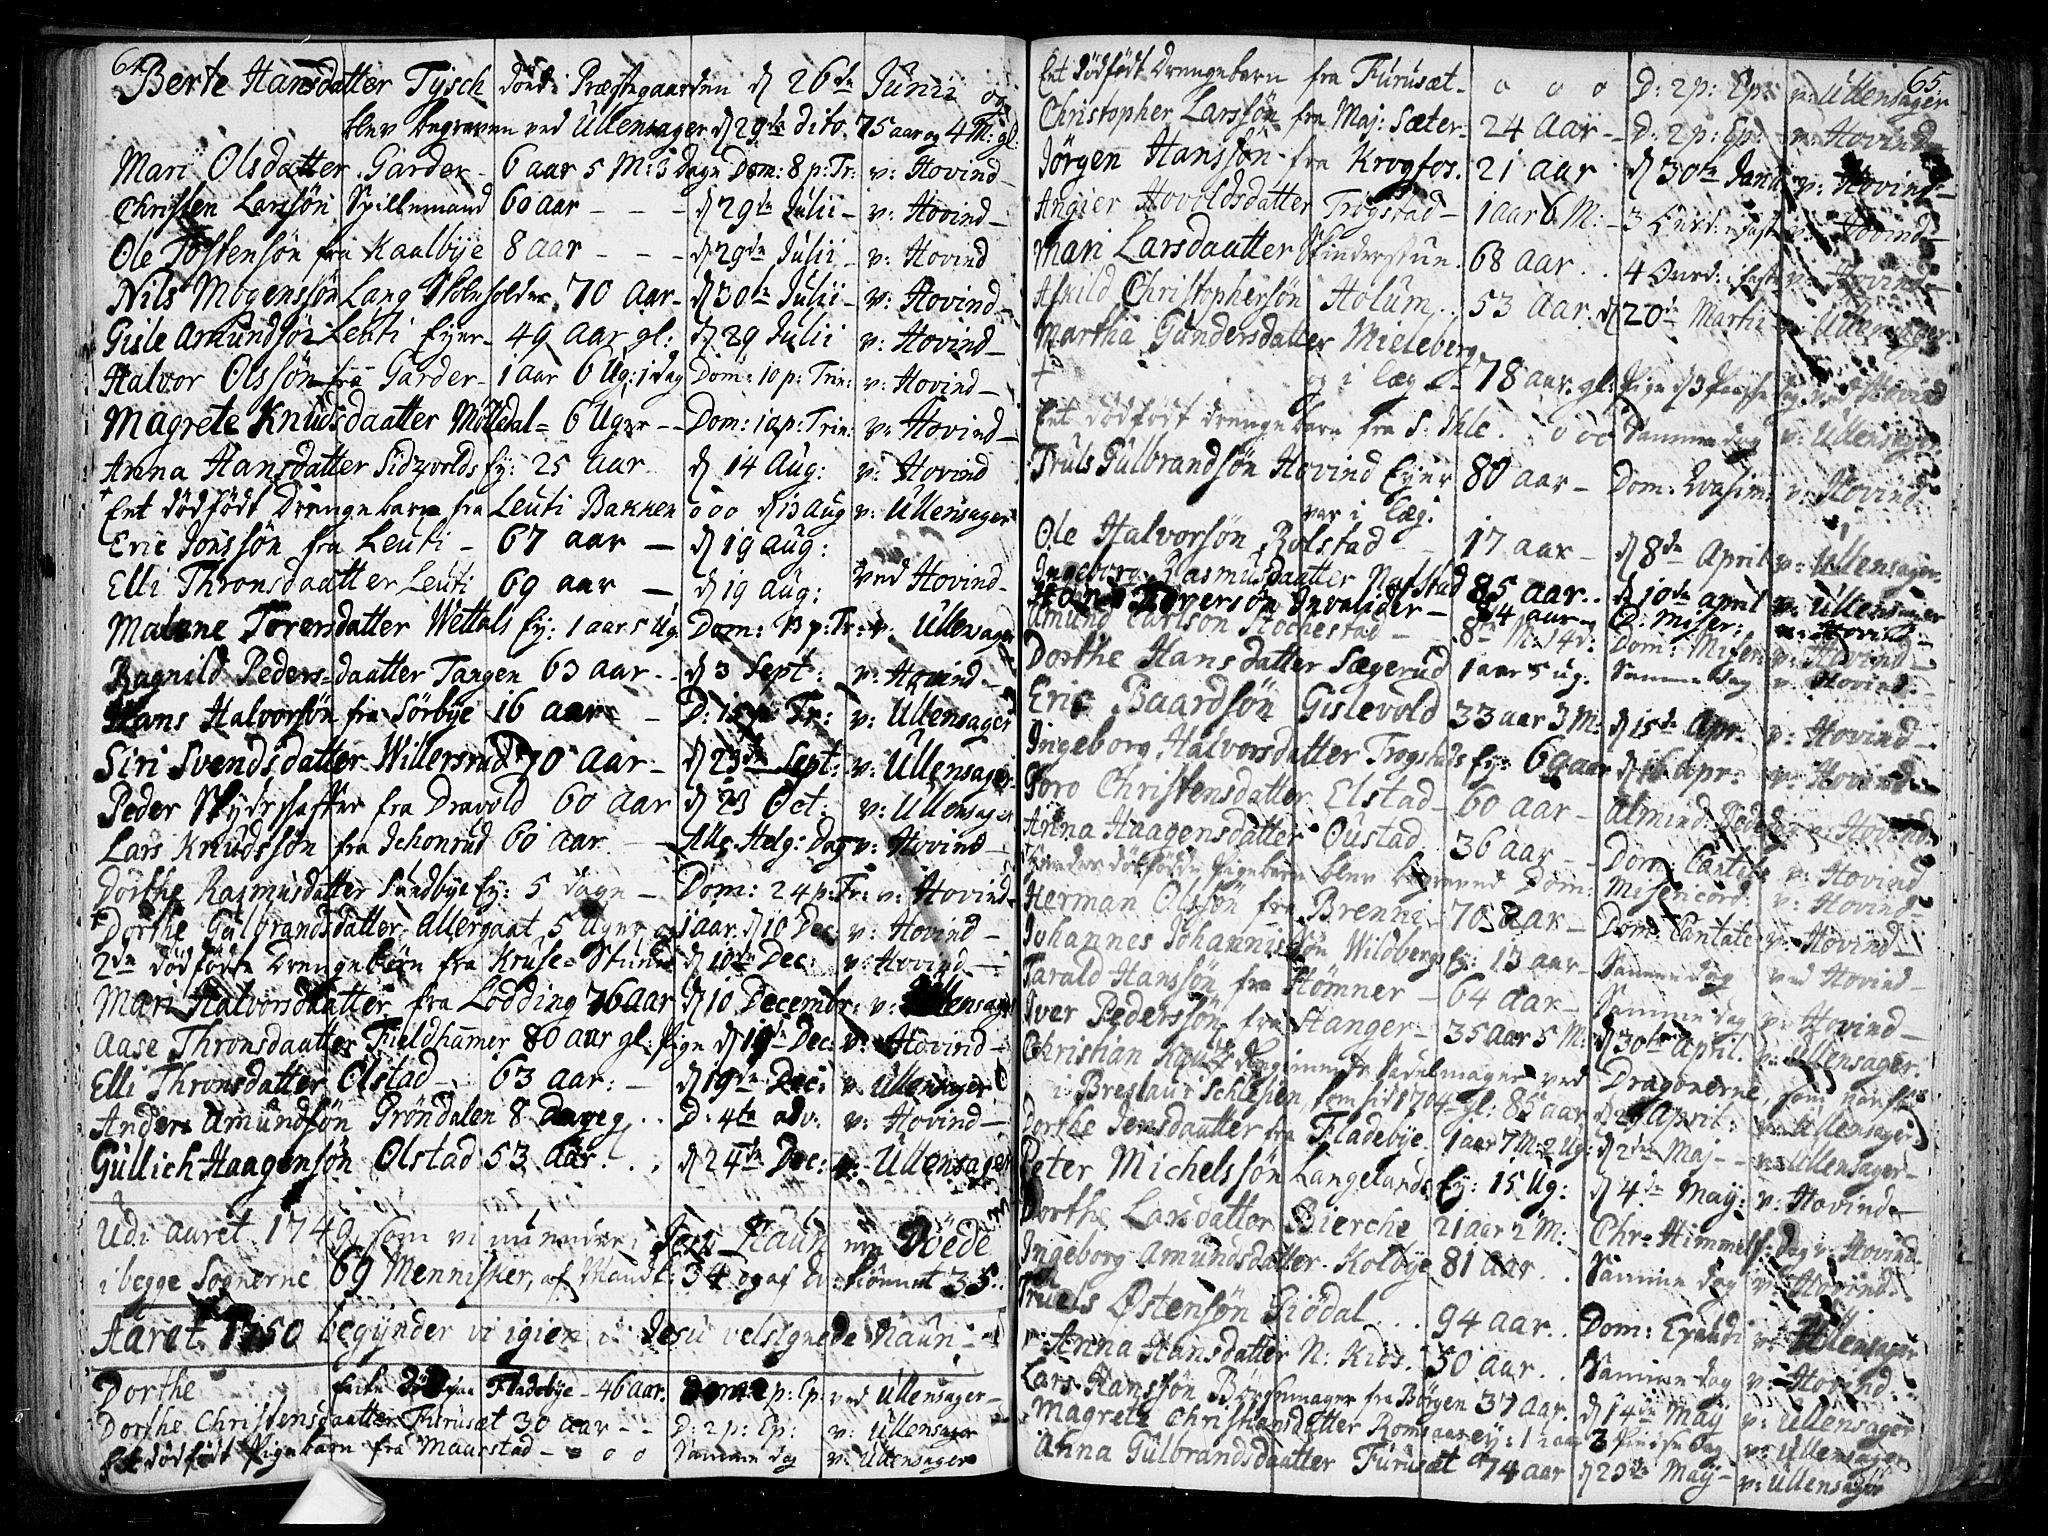 SAO, Ullensaker prestekontor Kirkebøker, F/Fa/L0010: Ministerialbok nr. I 10, 1733-1776, s. 64-65